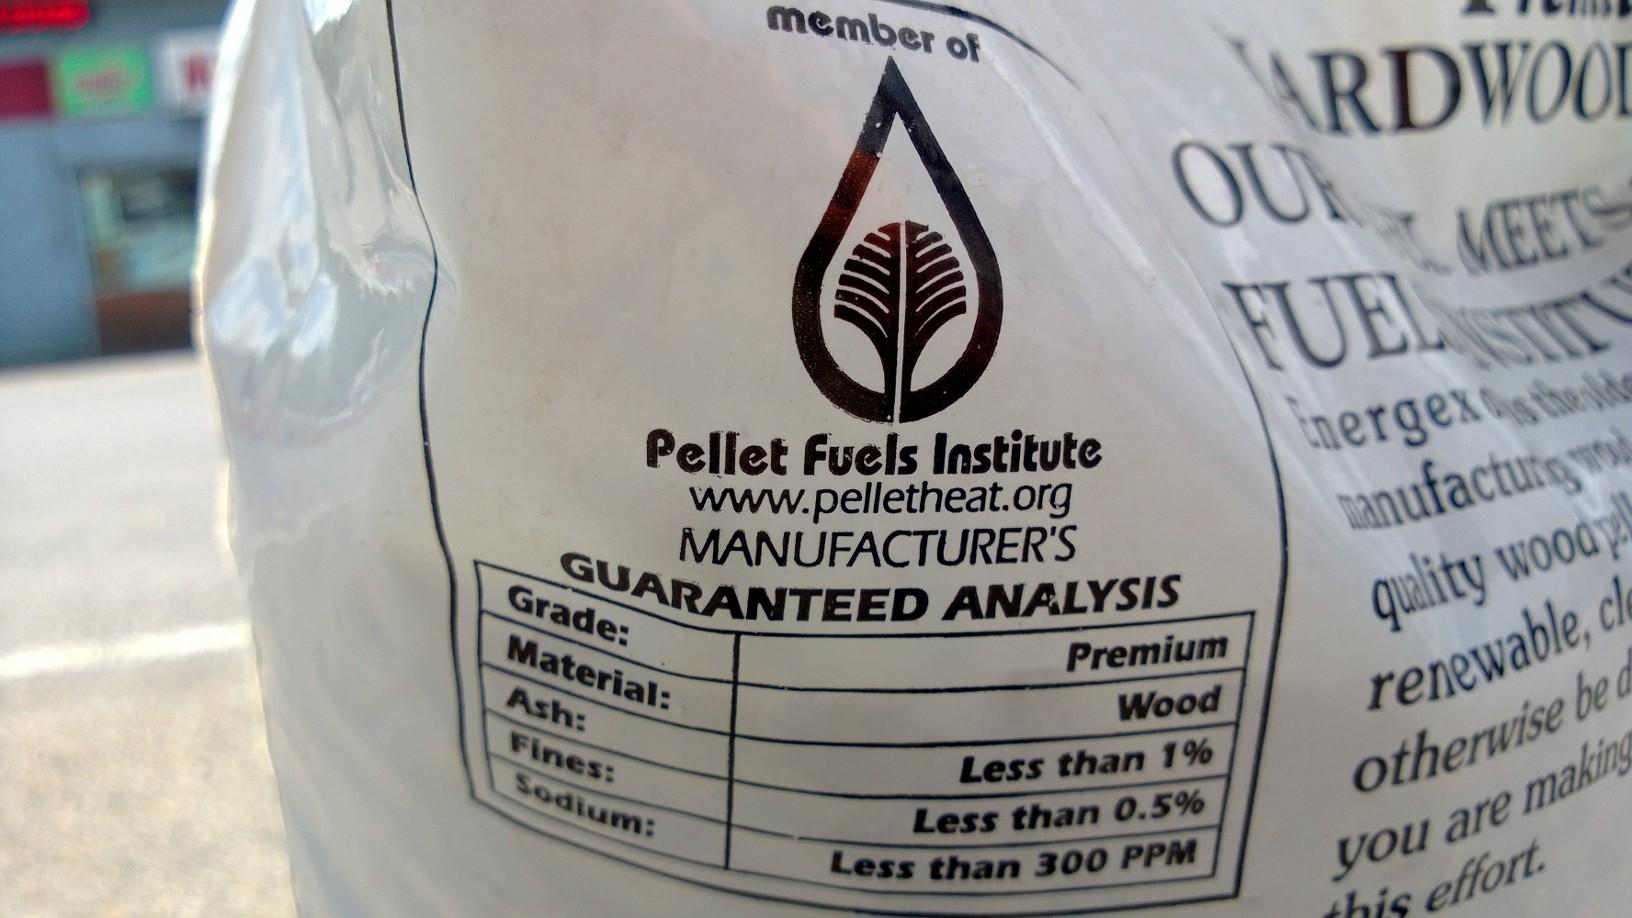 pelletfuelinstitutelabelpfionbag